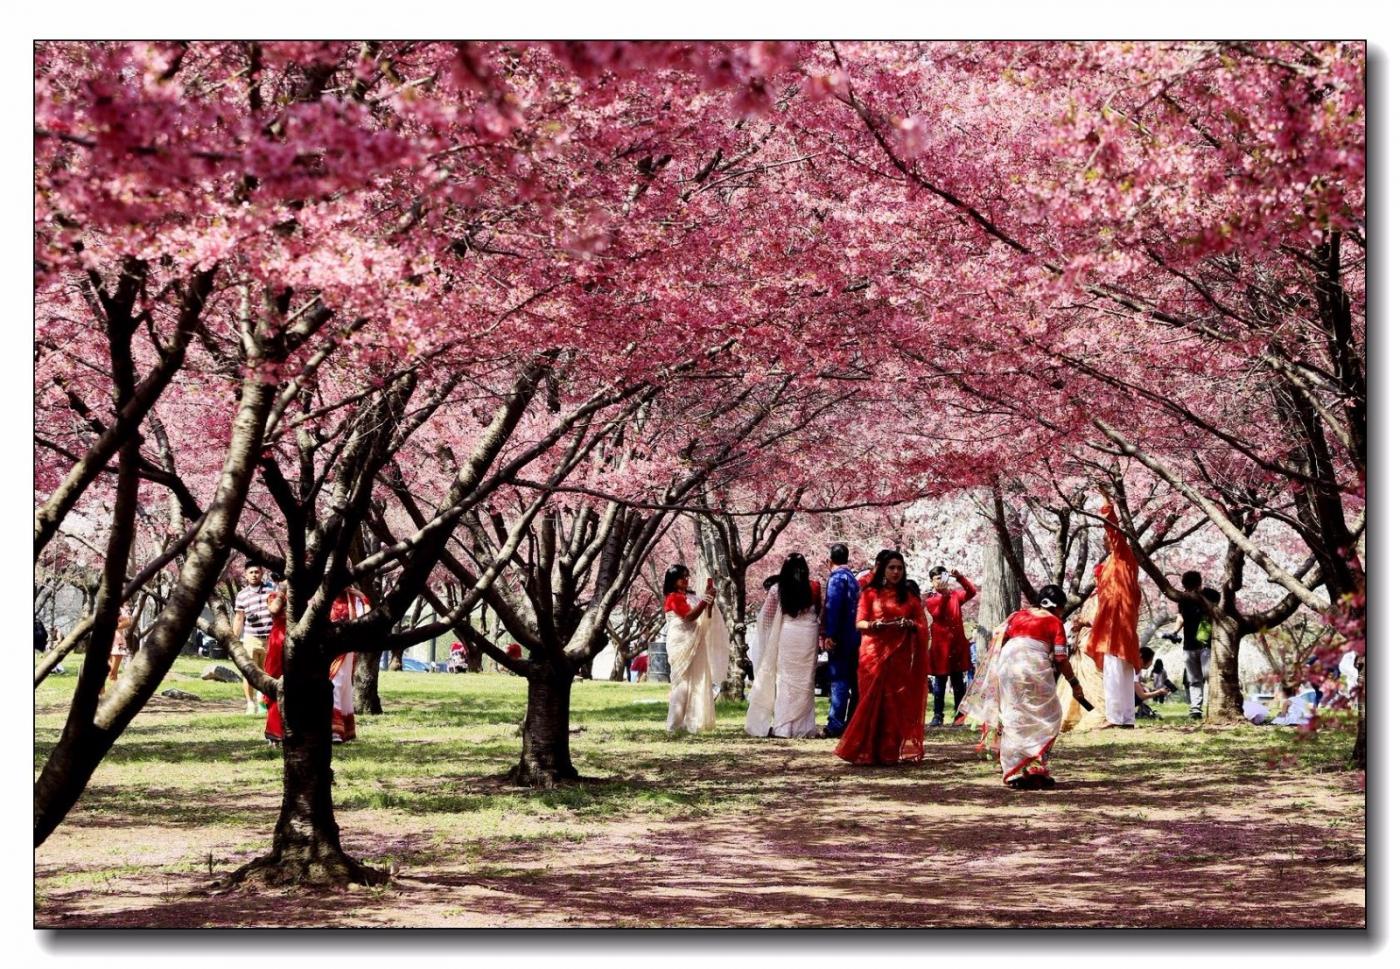 春滿可樂娜公園_圖1-13